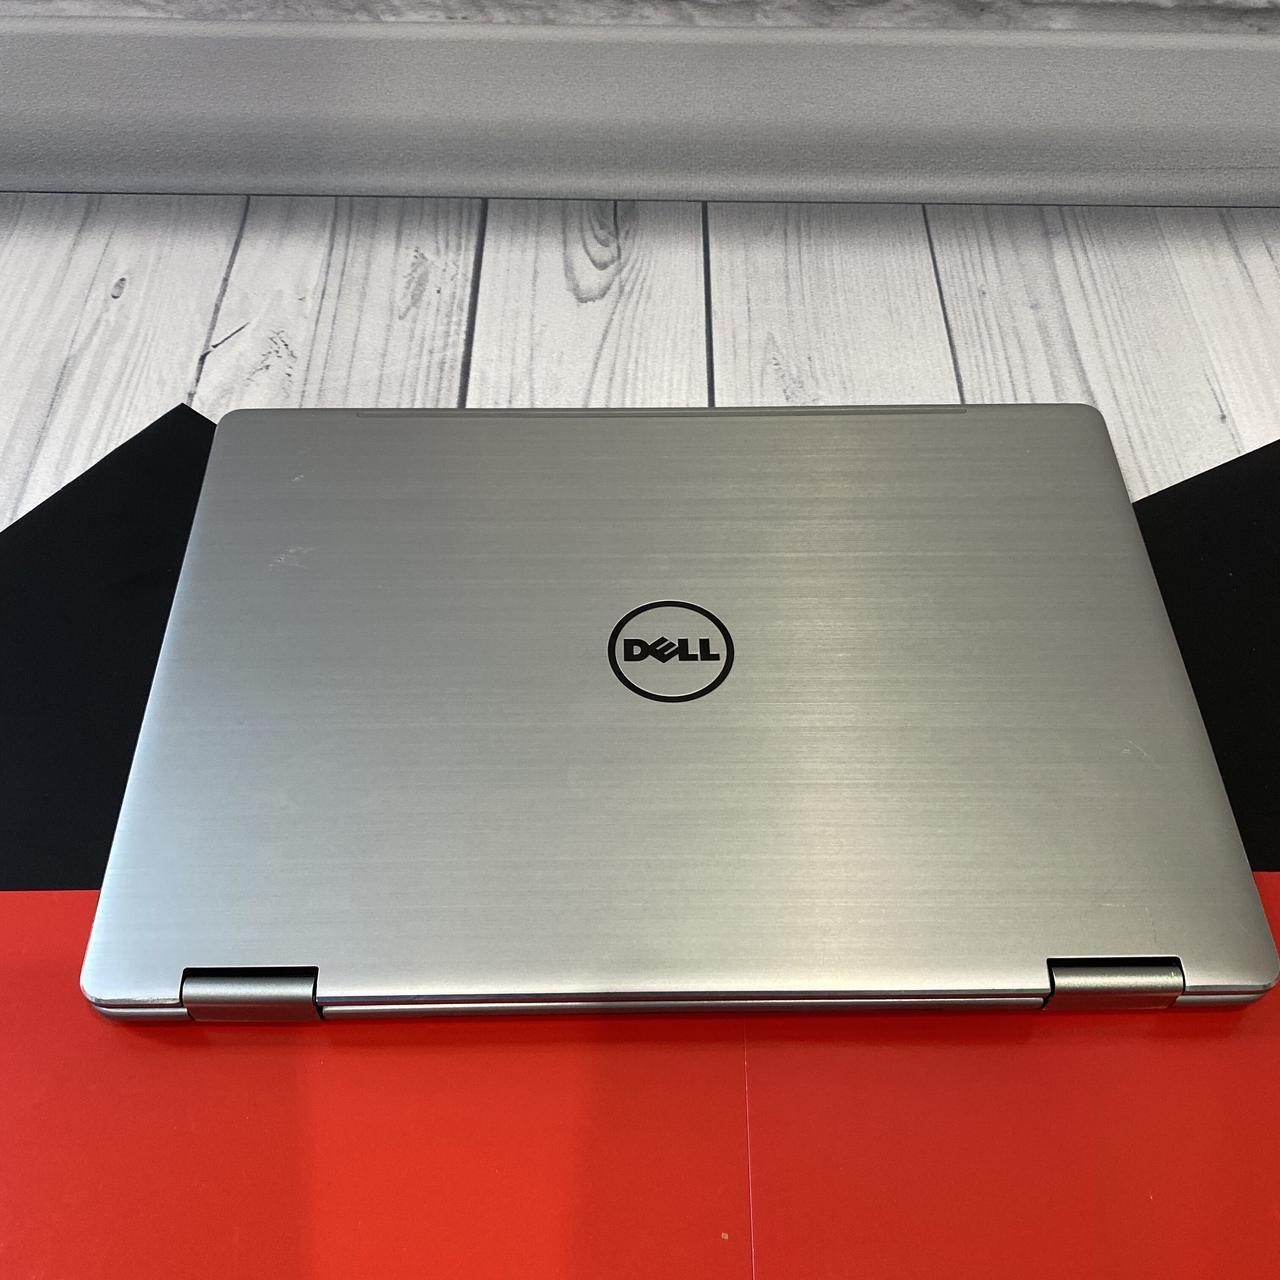 НОУТБУК Dell Inspiron P69G 13 (i5-7200U/ DDR4 8GB / SSD 256GB / UHD 620)